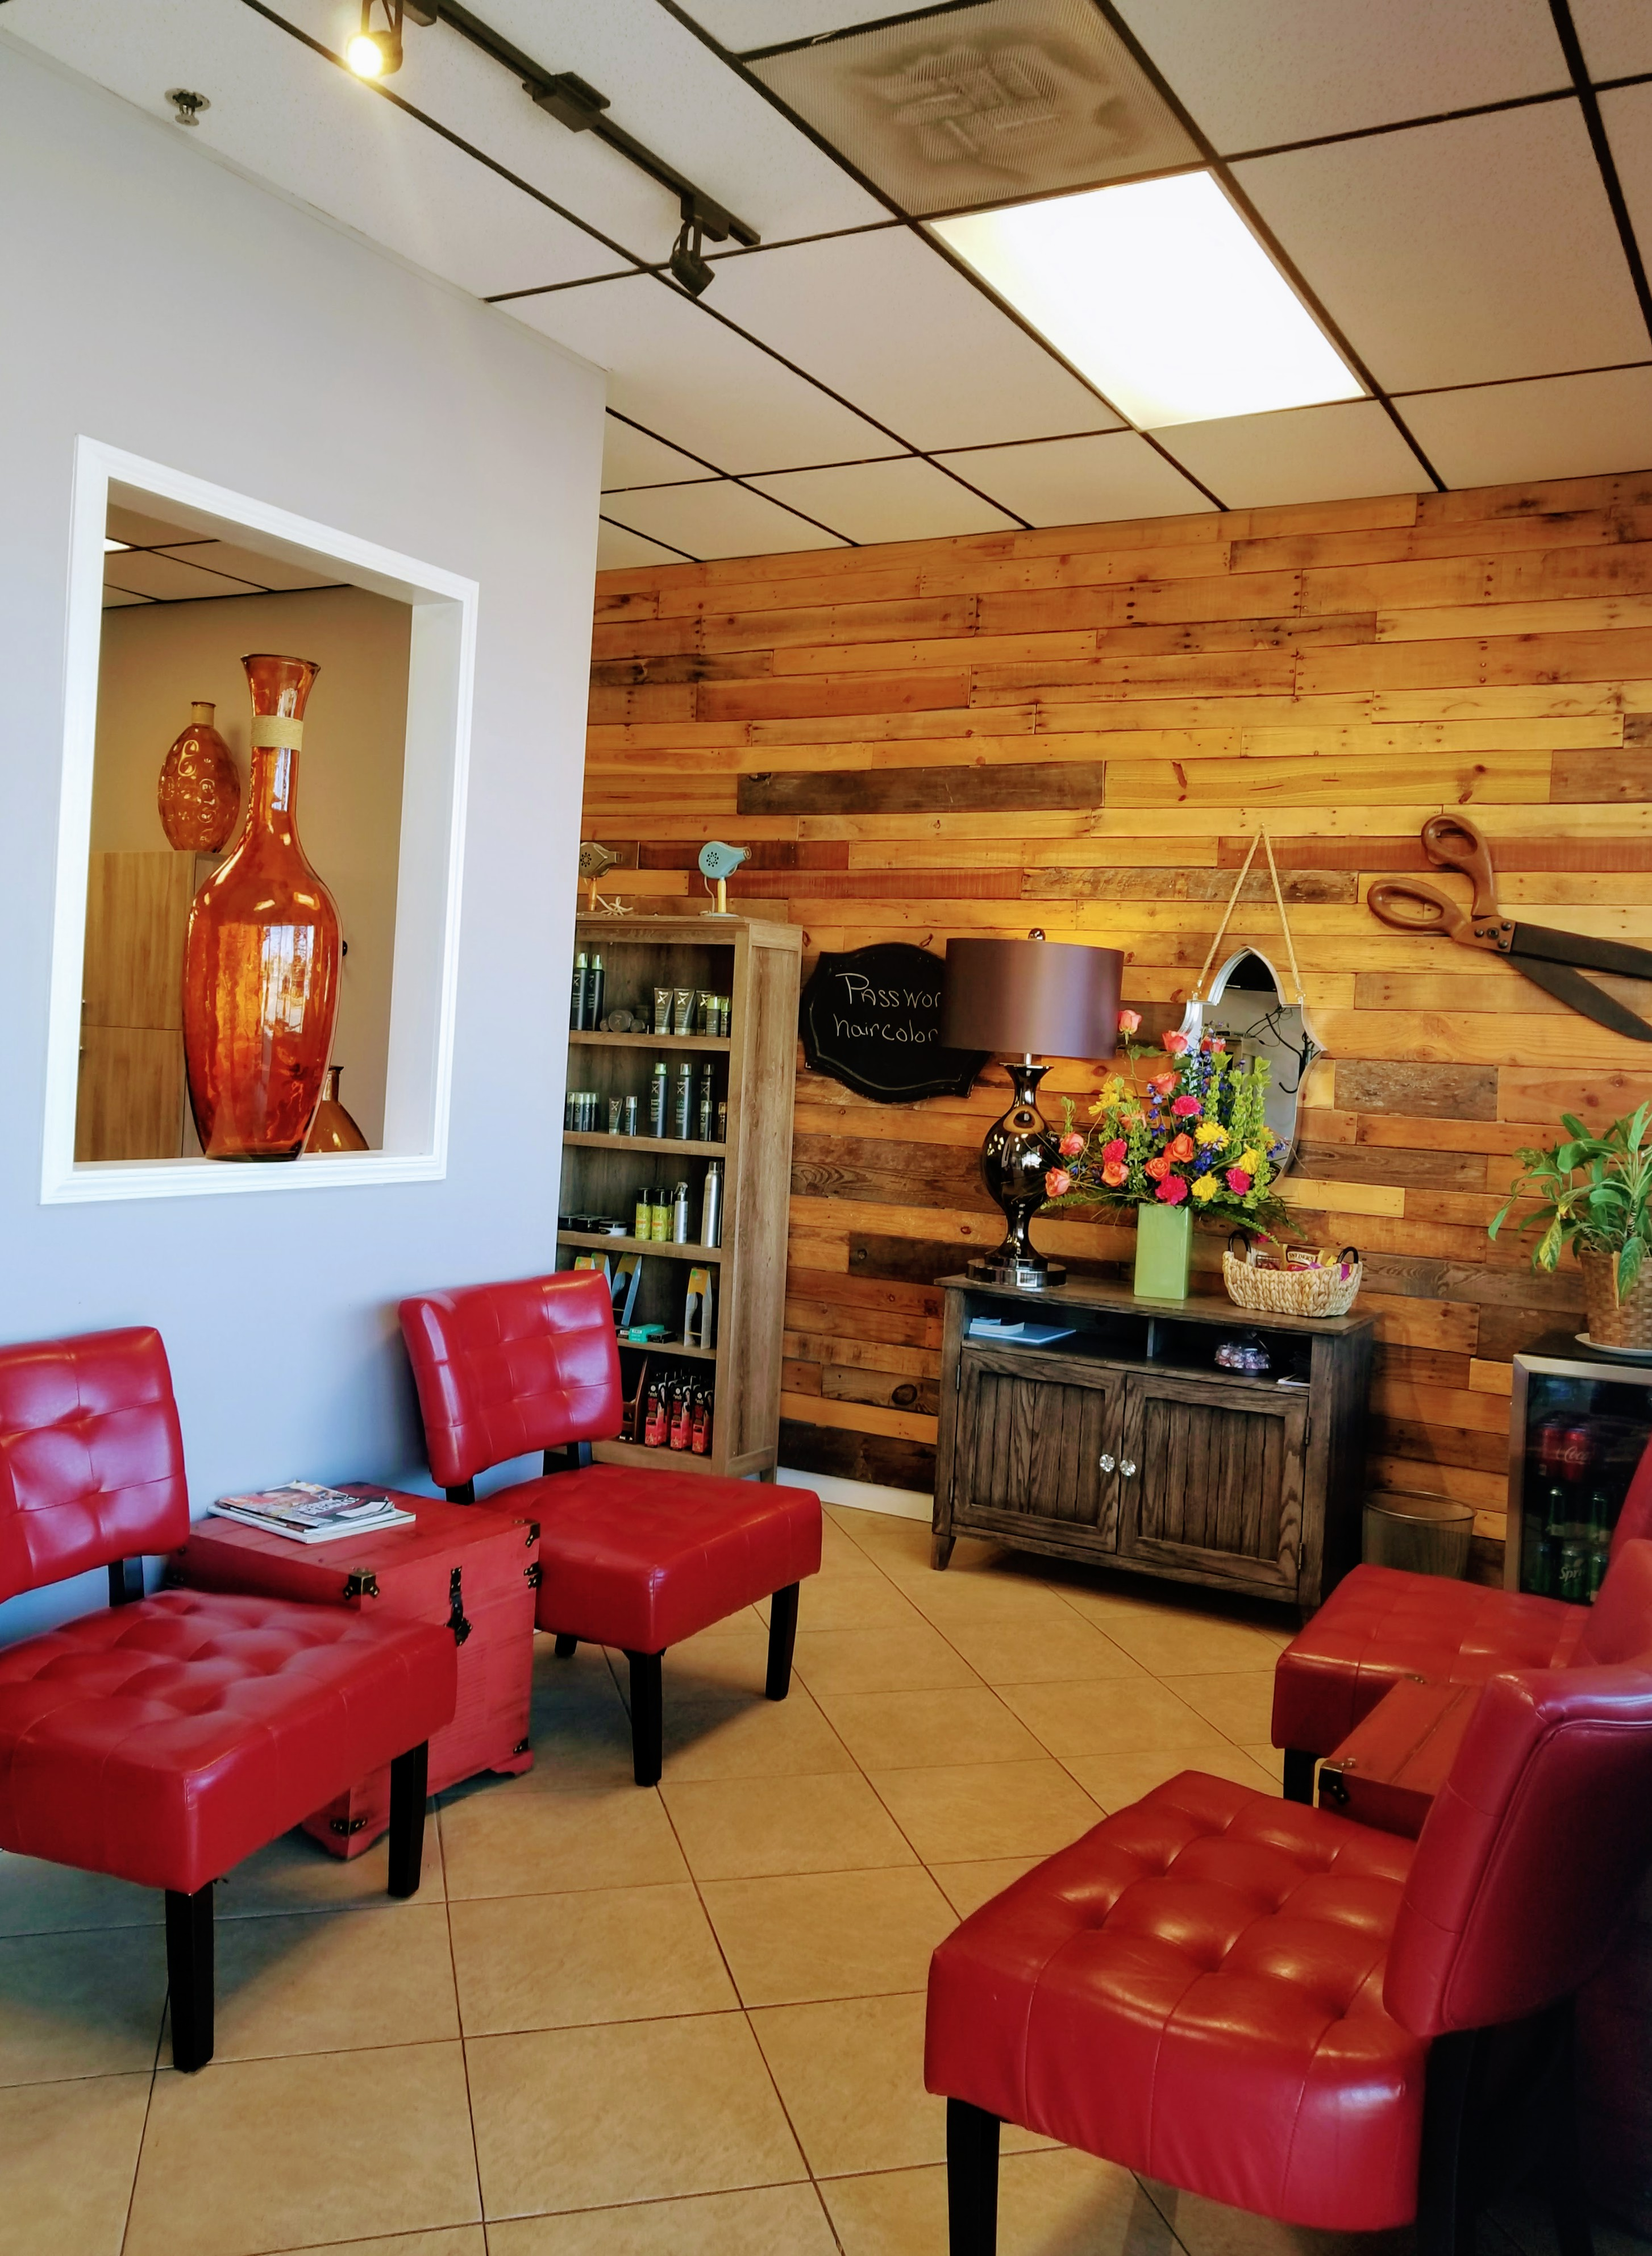 Full Circle Salon and Spa image 3